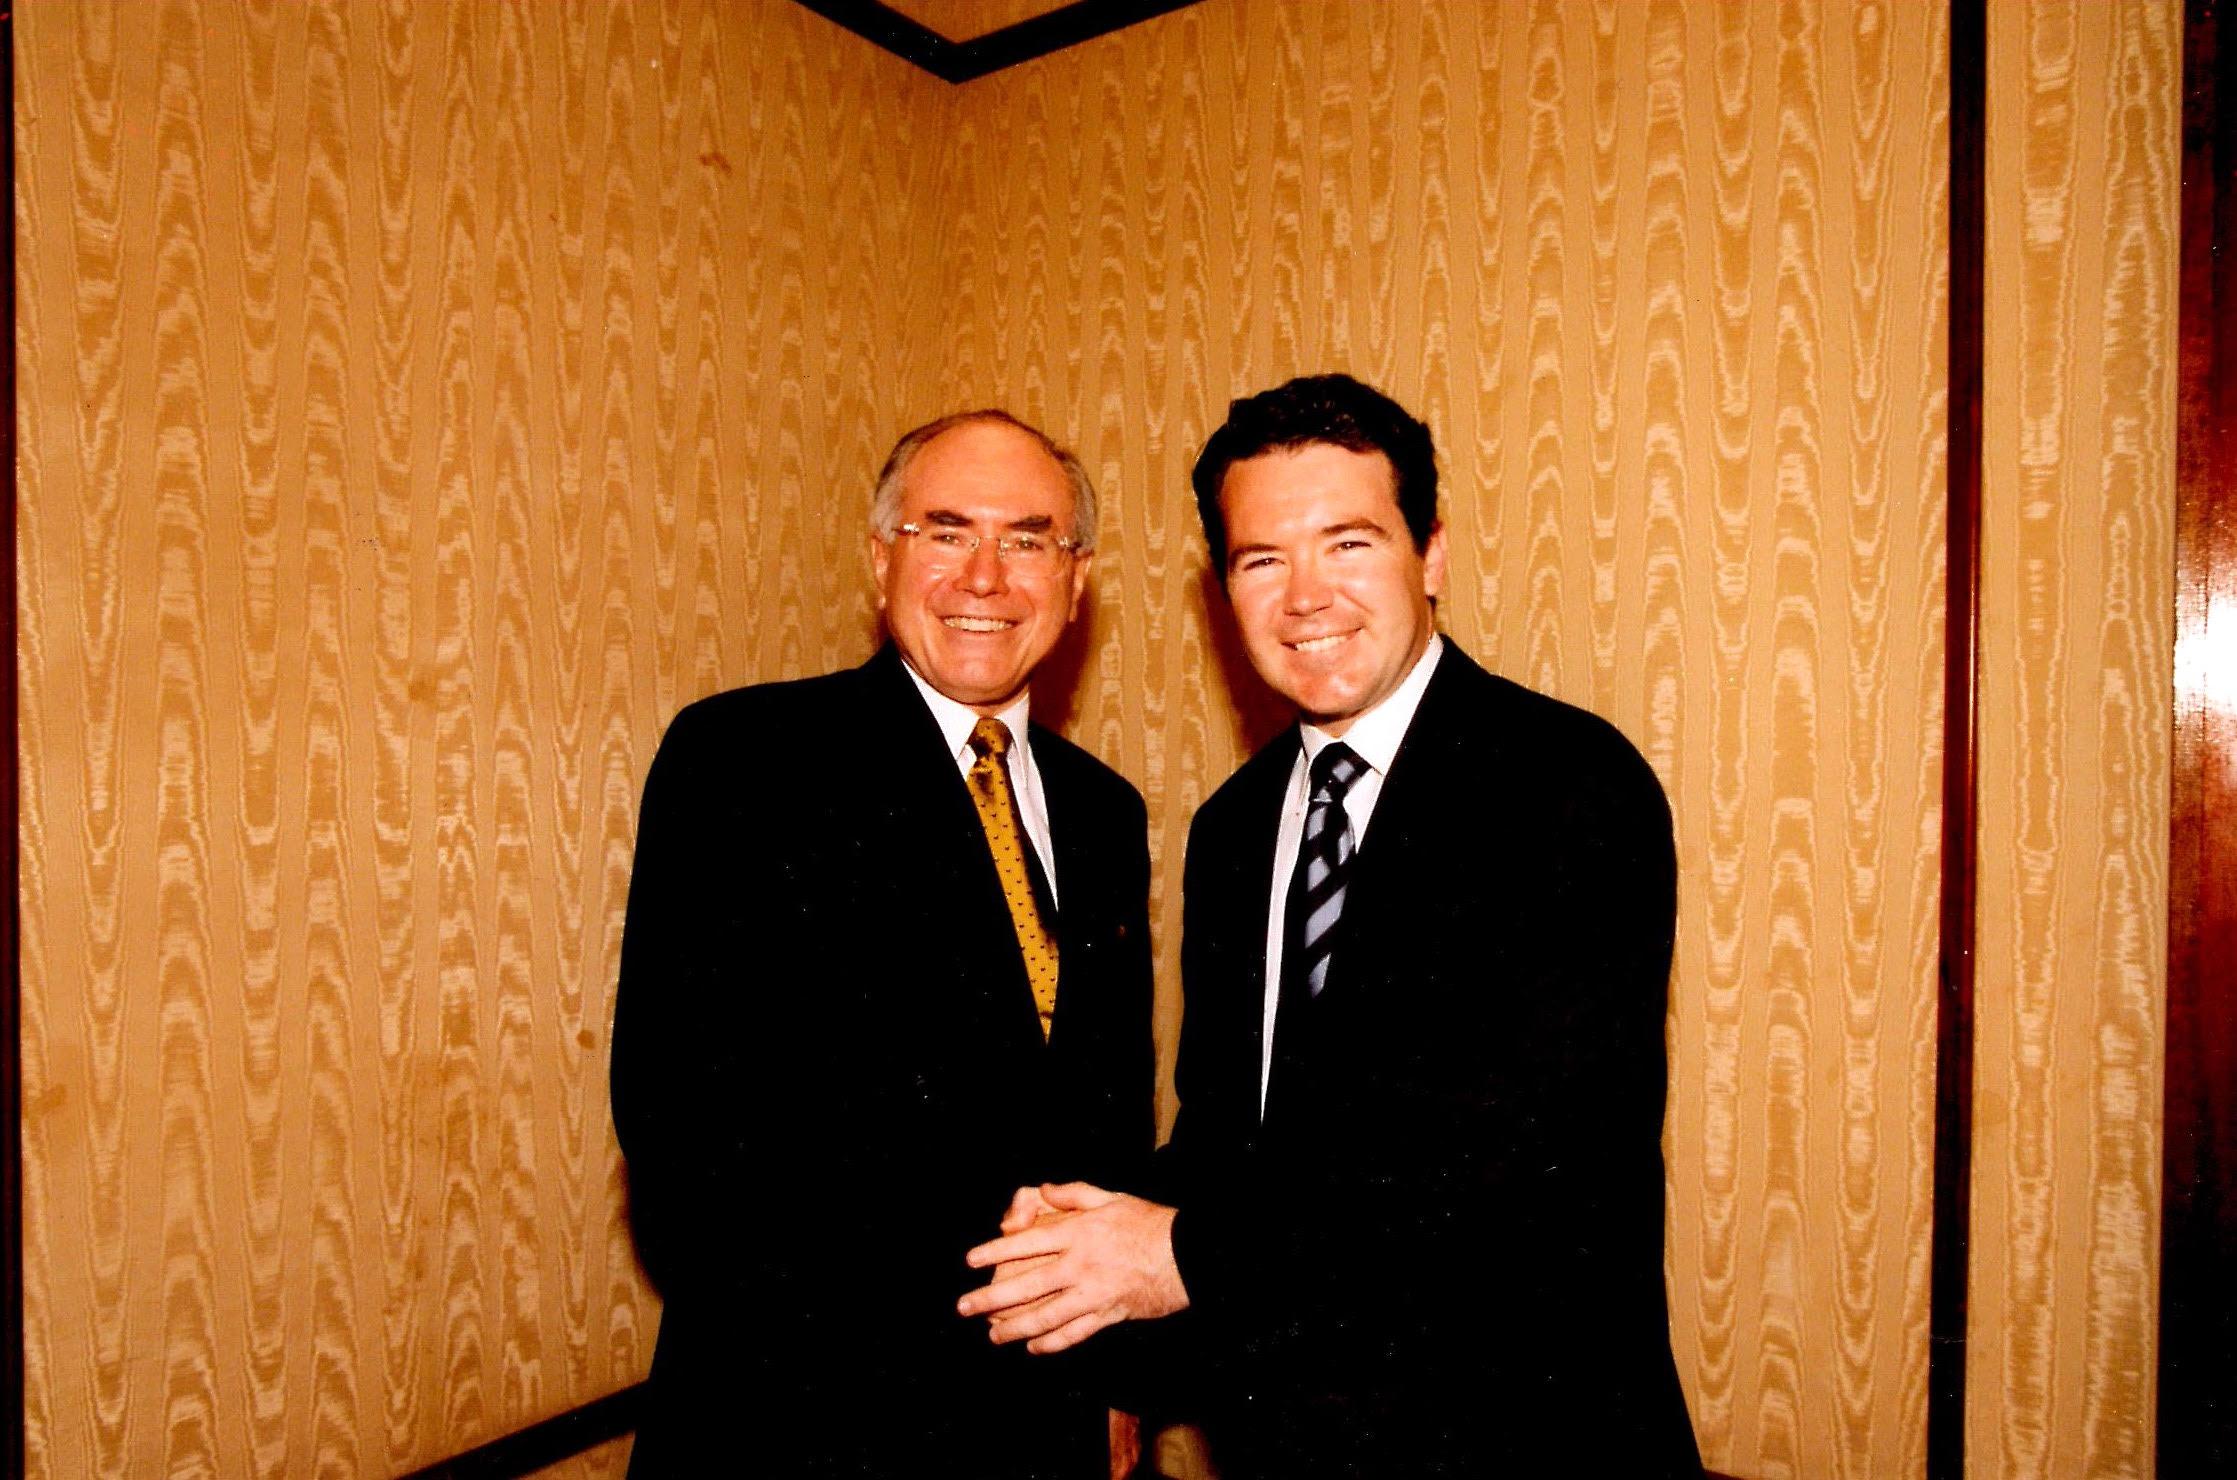 Former Prime Minister John Howard and Dean